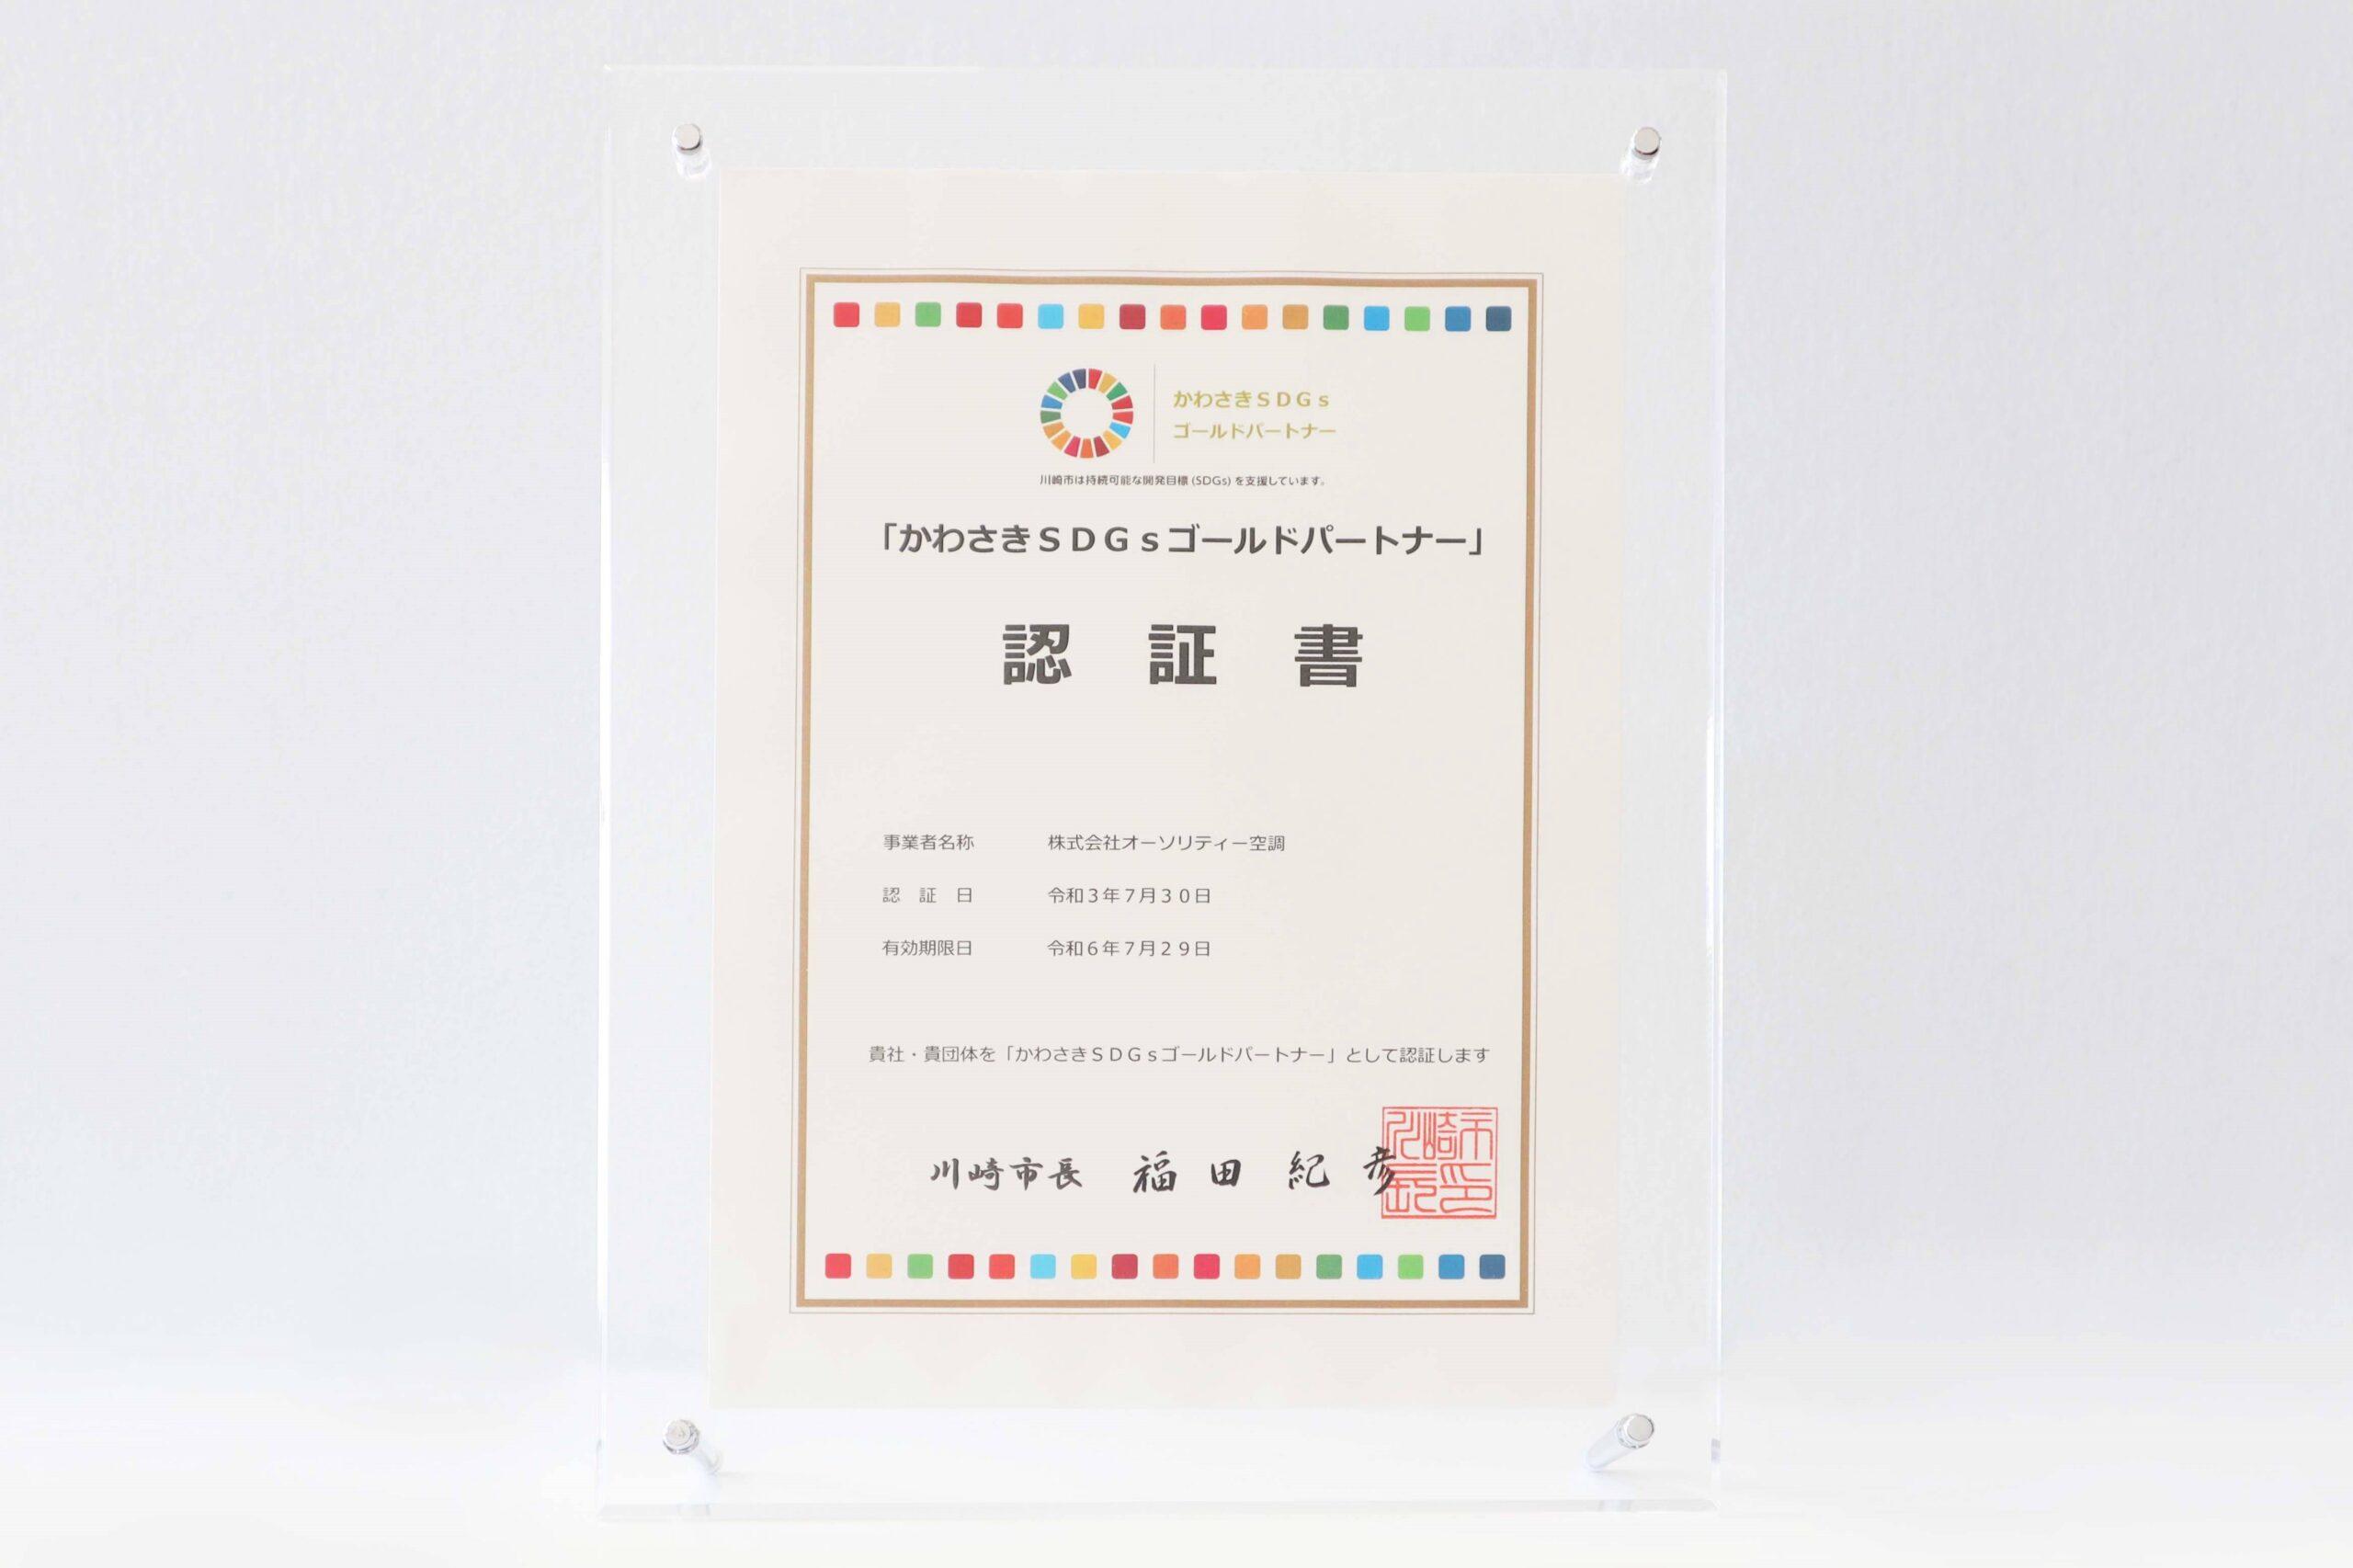 「かわさきSDGsゴールドパートナー」の認証を取得しました。